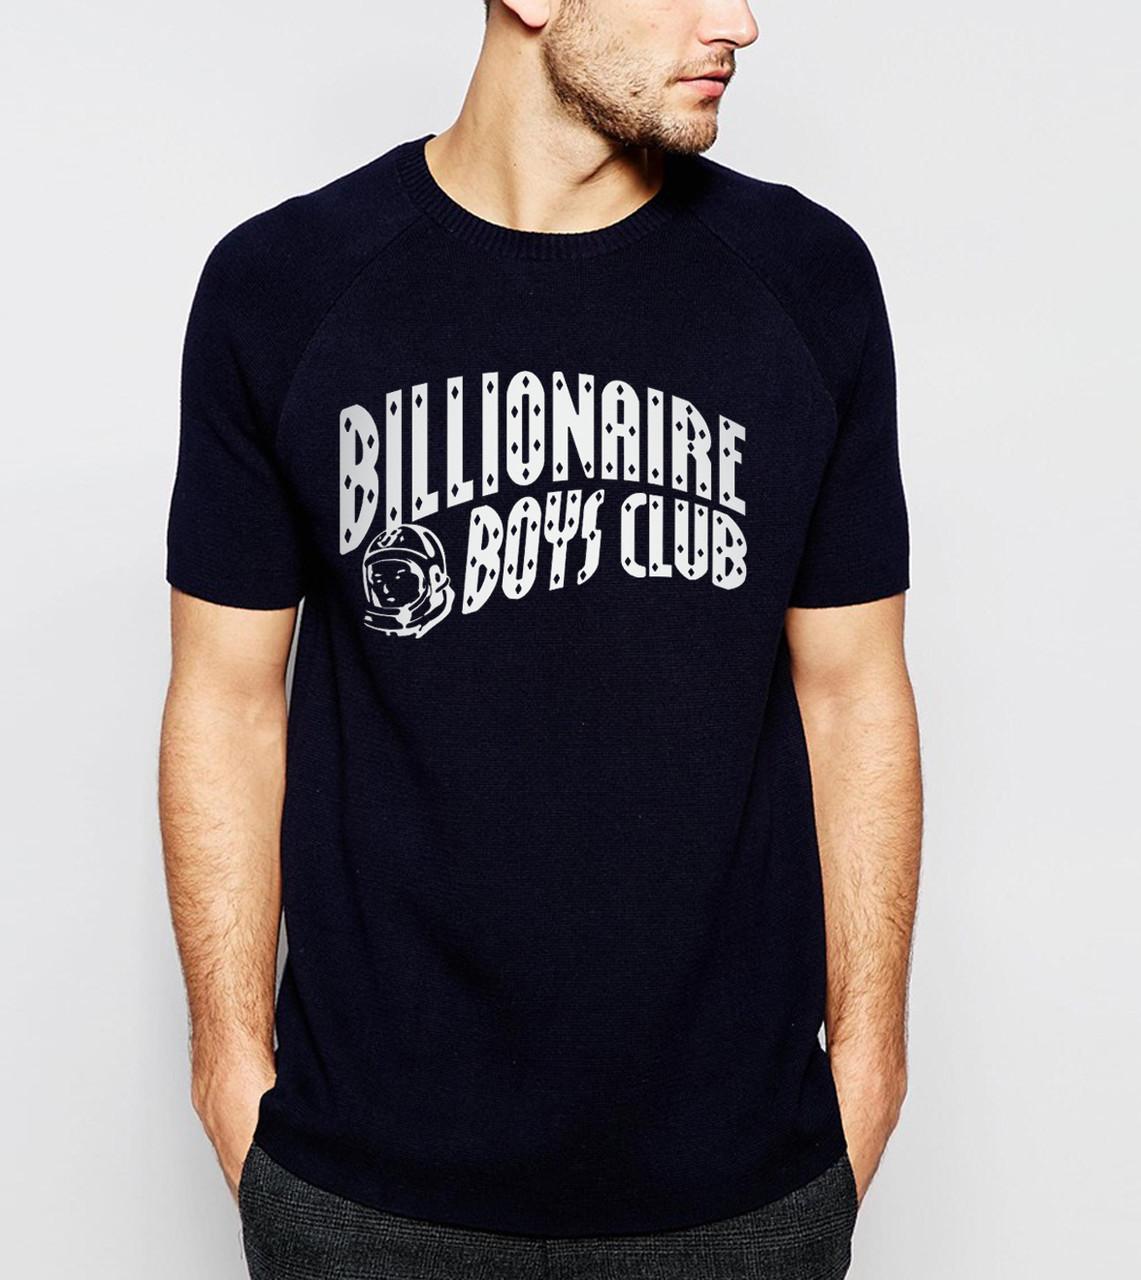 Футболкав стиле Billionaire BOYs Club темно синяя с логотипом мужская,женская,детская